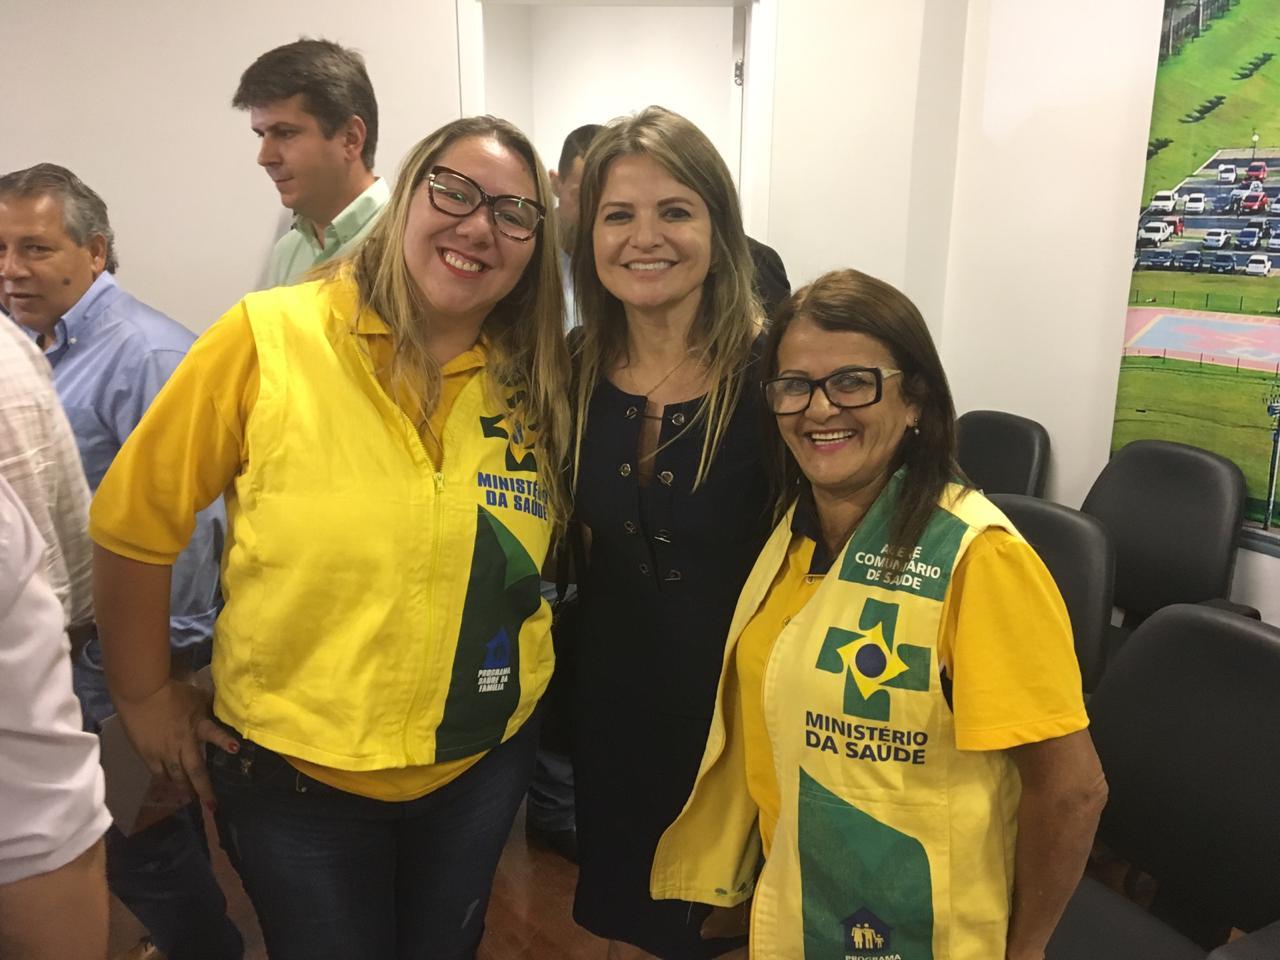 Em reunião, governador de Goiás reconhece importância dos agentes comunitários de saúde